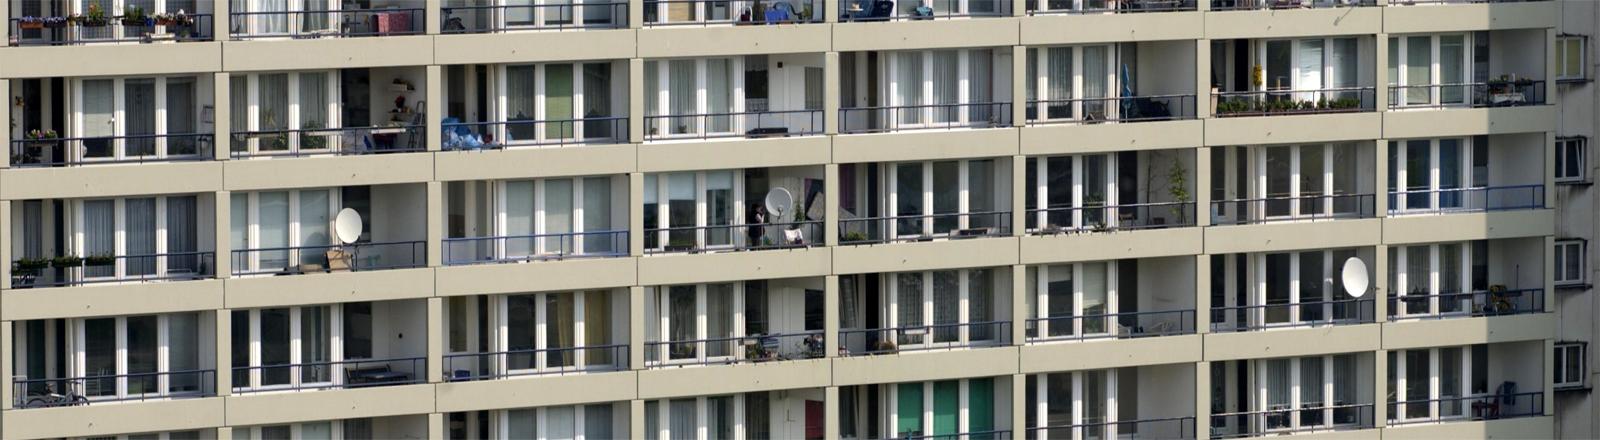 Auch für die Eigentümer von Wohnungen wird Grundsteuer fällig: Plattenbau am Mehringplatz in Berlin-Kreuzberg